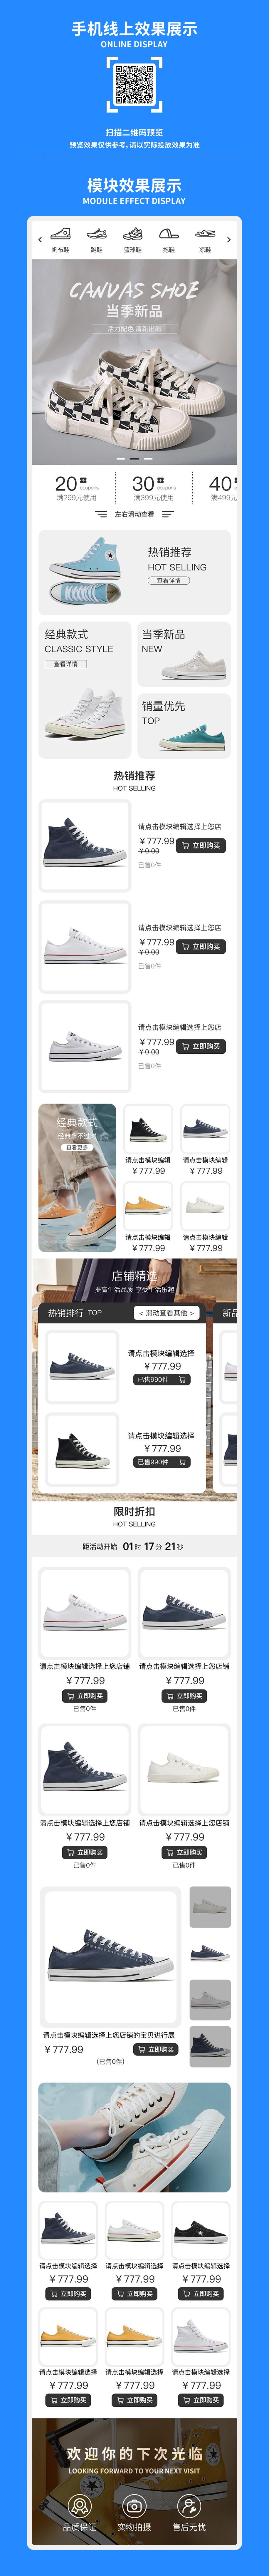 100运动鞋靴智慧零售-第二屏介绍.jpg